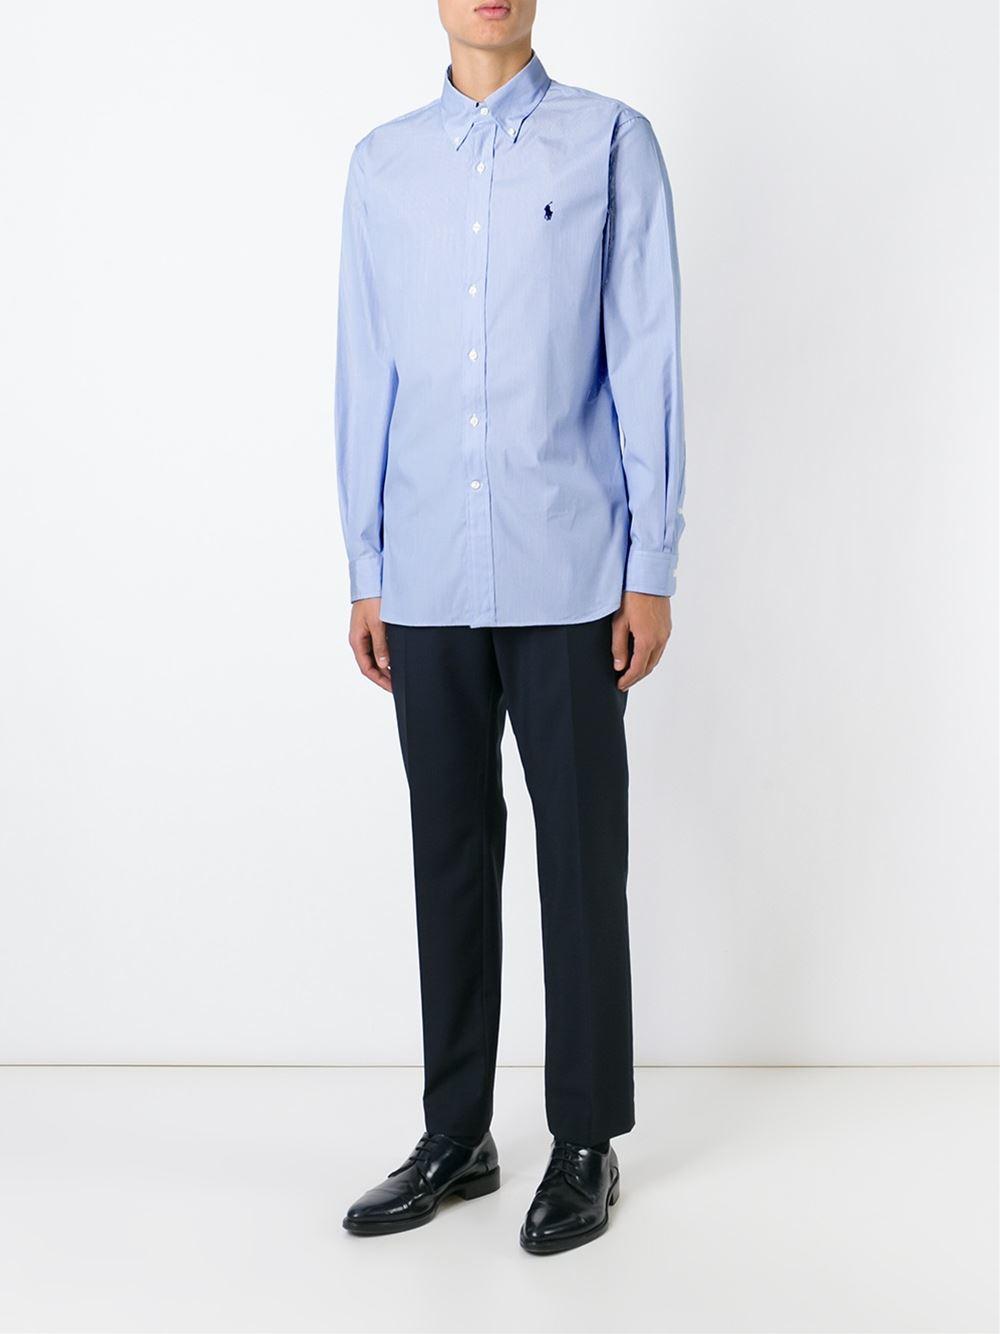 Polo ralph lauren Pinstriped Shirt in Blue for Men